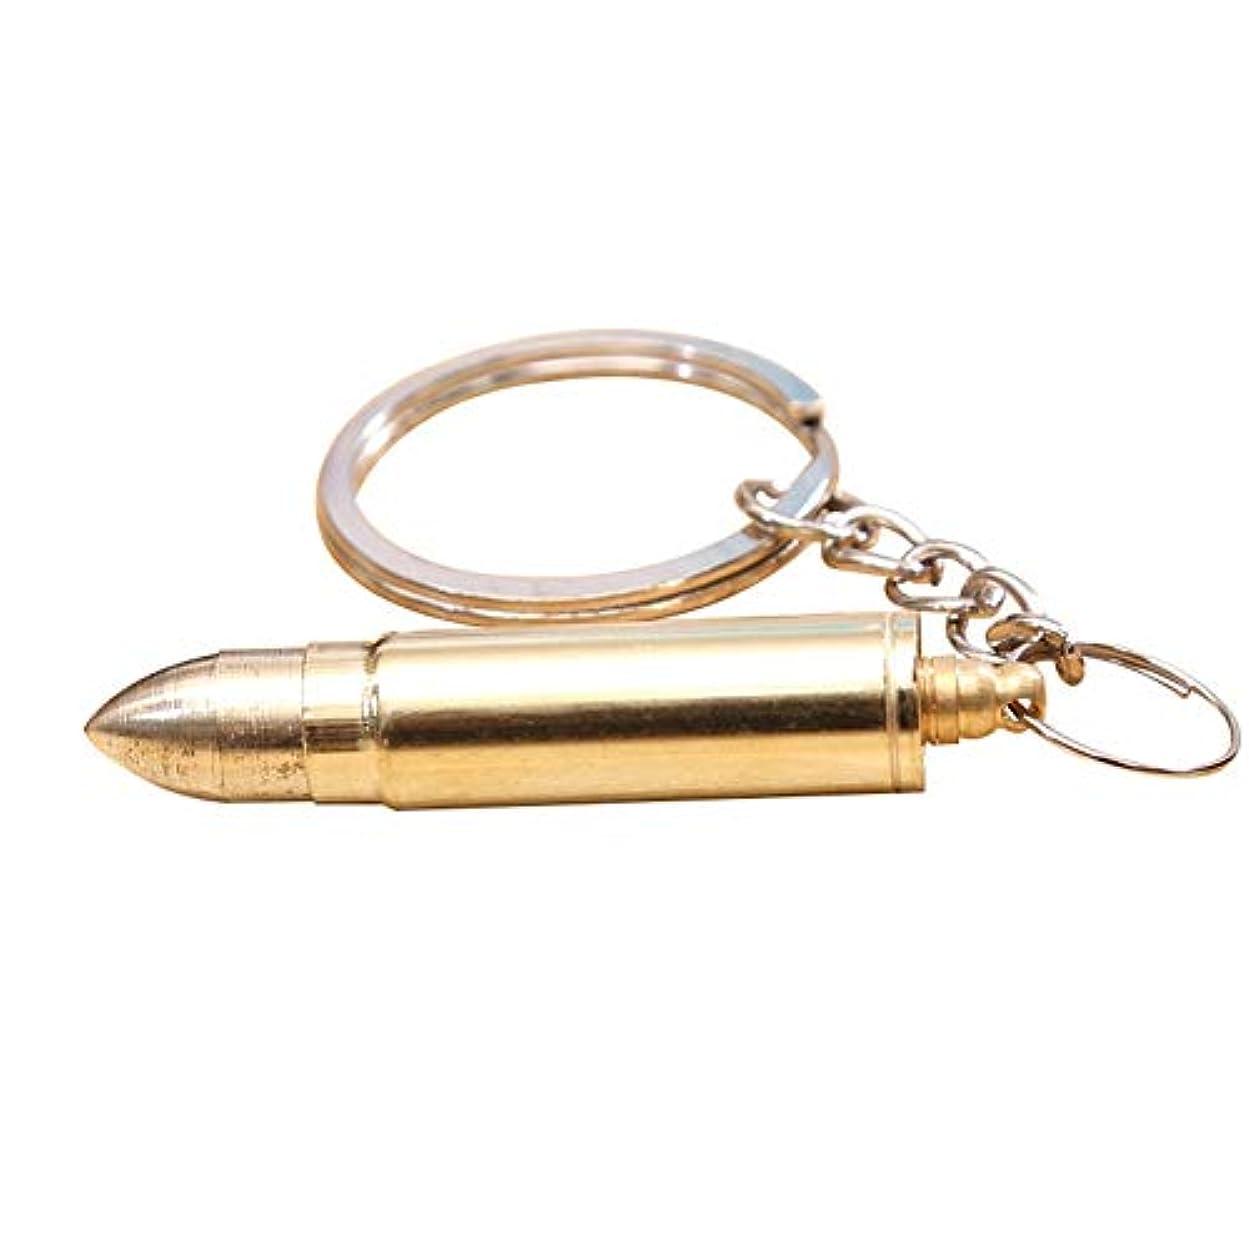 洞察力普遍的なファッションZHQI-GH 弾丸形の耳垢クリーナーポータブル折りたたみ式の耳のワックスの取り外しツール耳のスプーンの耳かき付きキーホルダー27 (色 : Gold, Size : 1pcs)